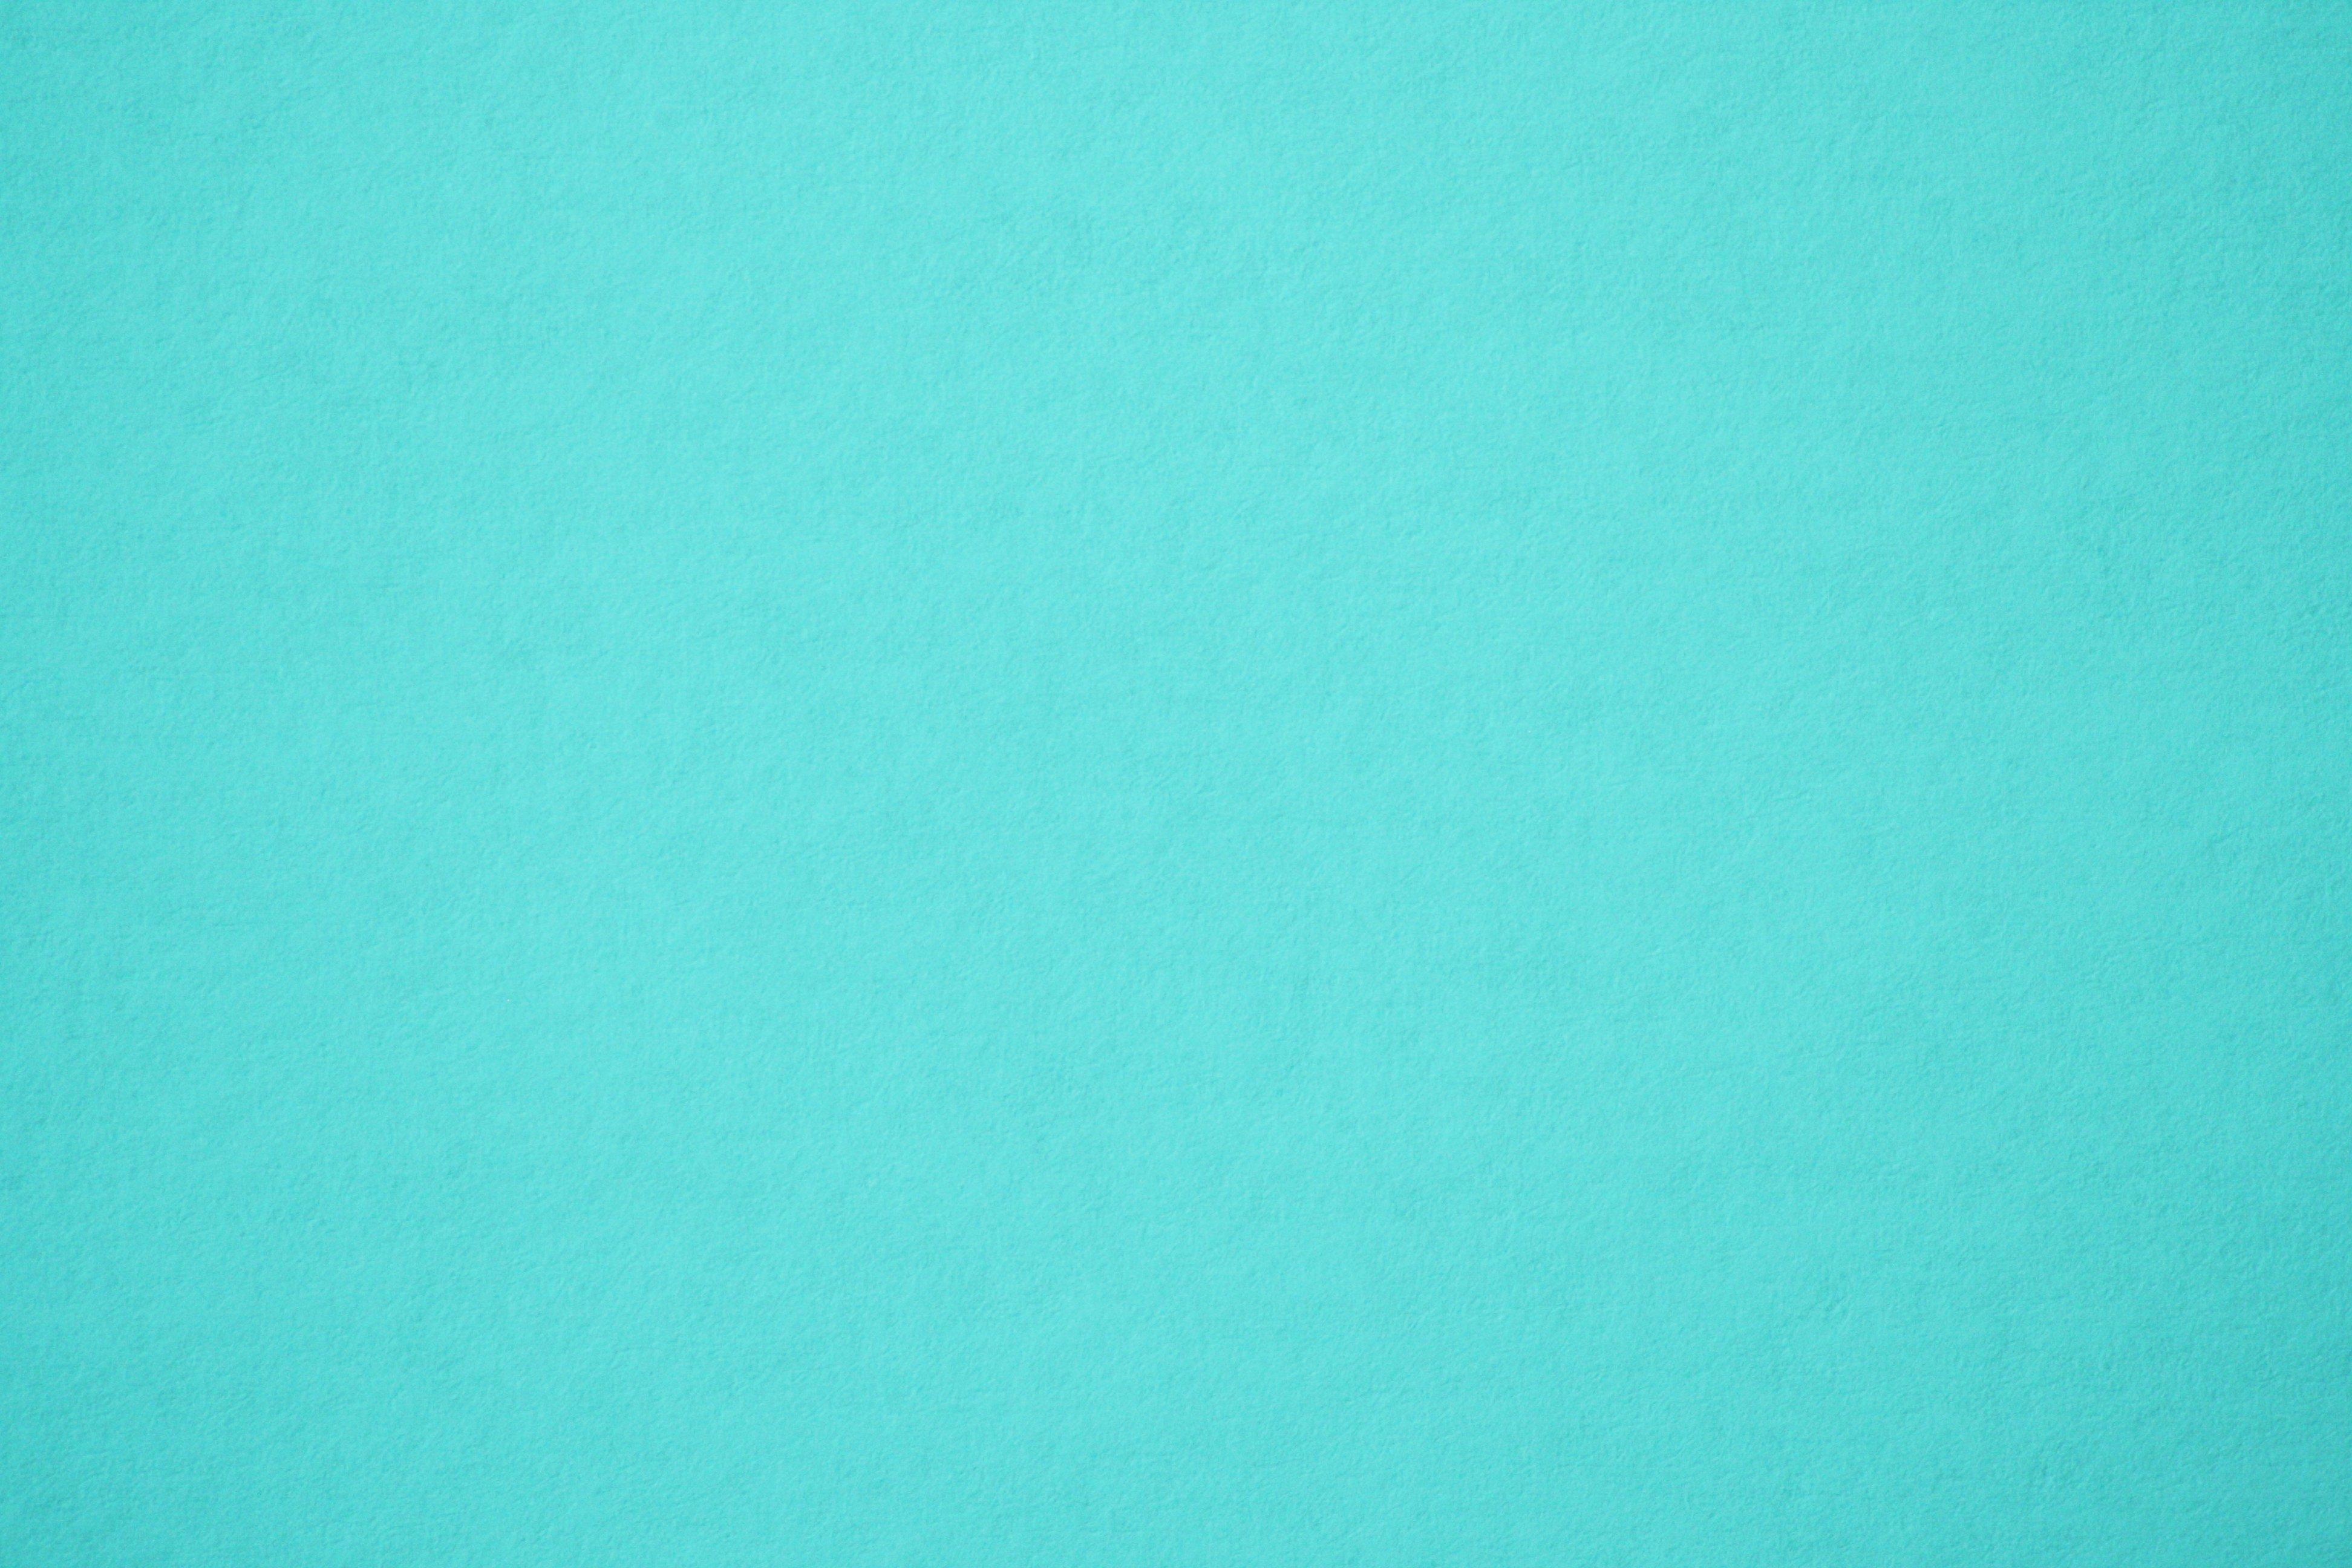 Turquoise Paper Texture Picture Photograph Photos Public 3888x2592